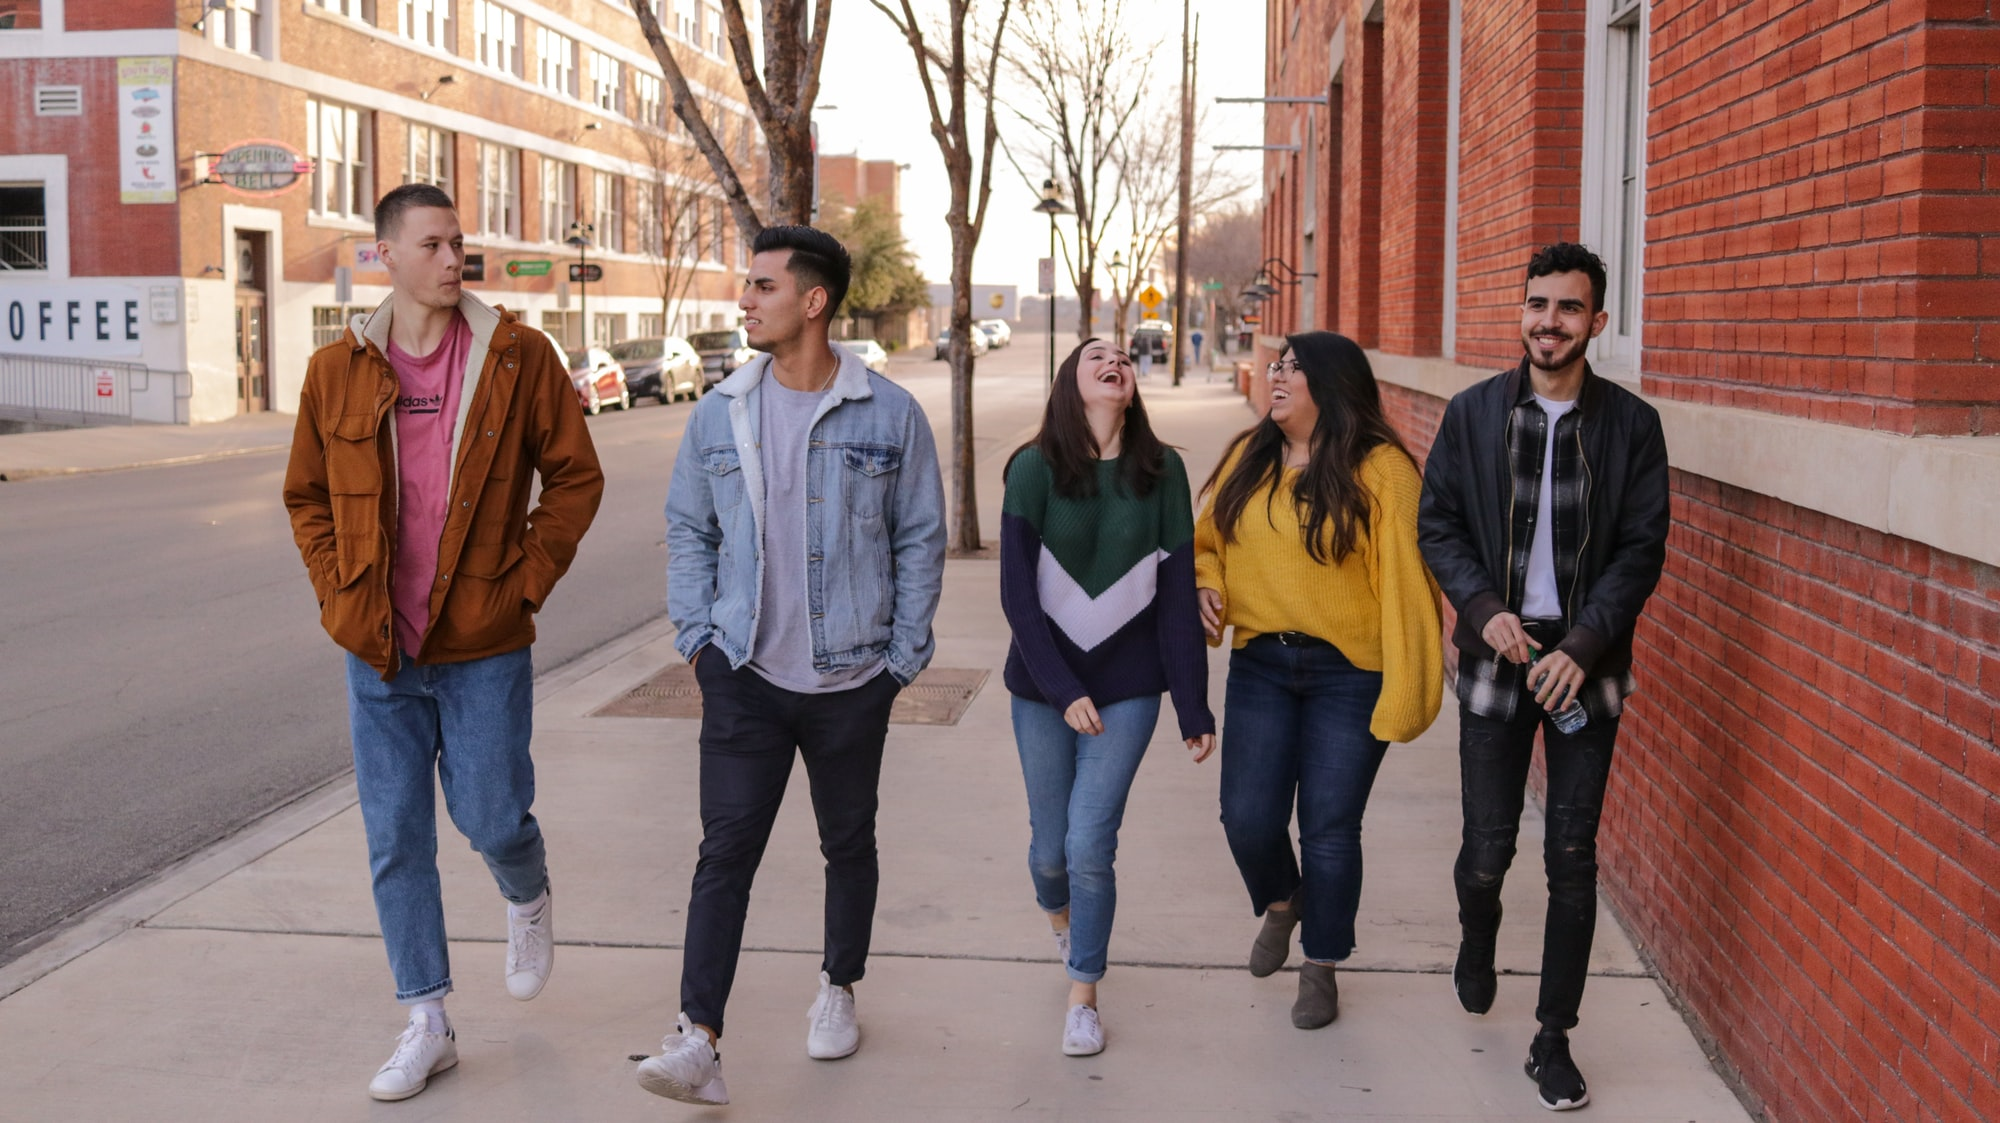 BC省政府推出新法规 界定青少年工作年龄和范围